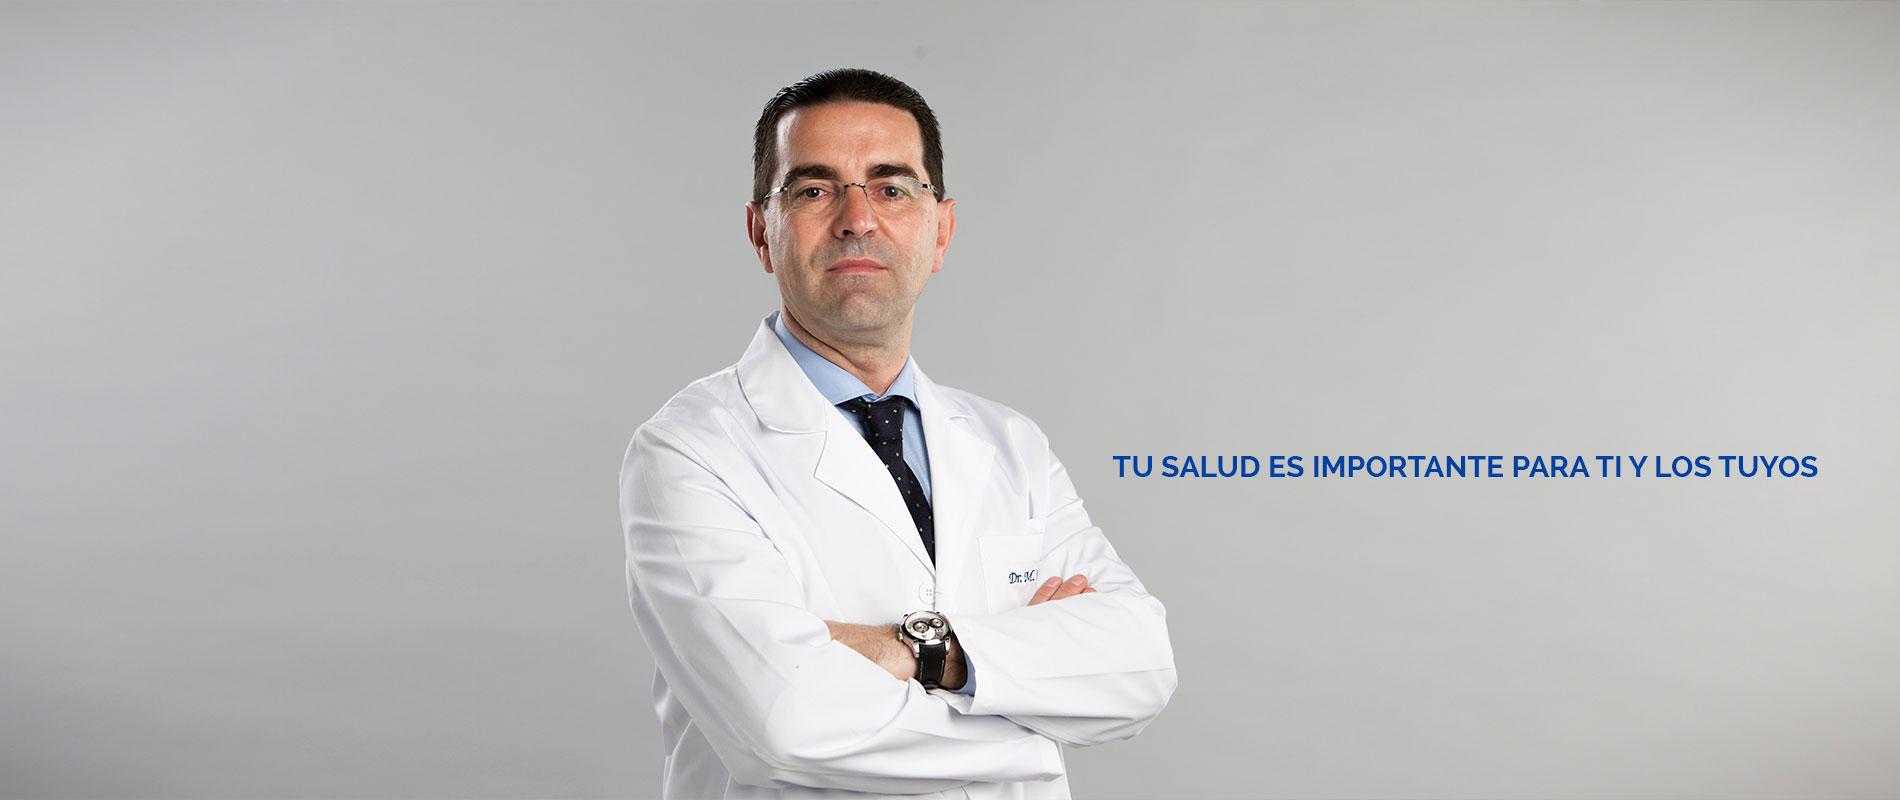 Urólogo Valencia Manuel Martínez Sarmiento